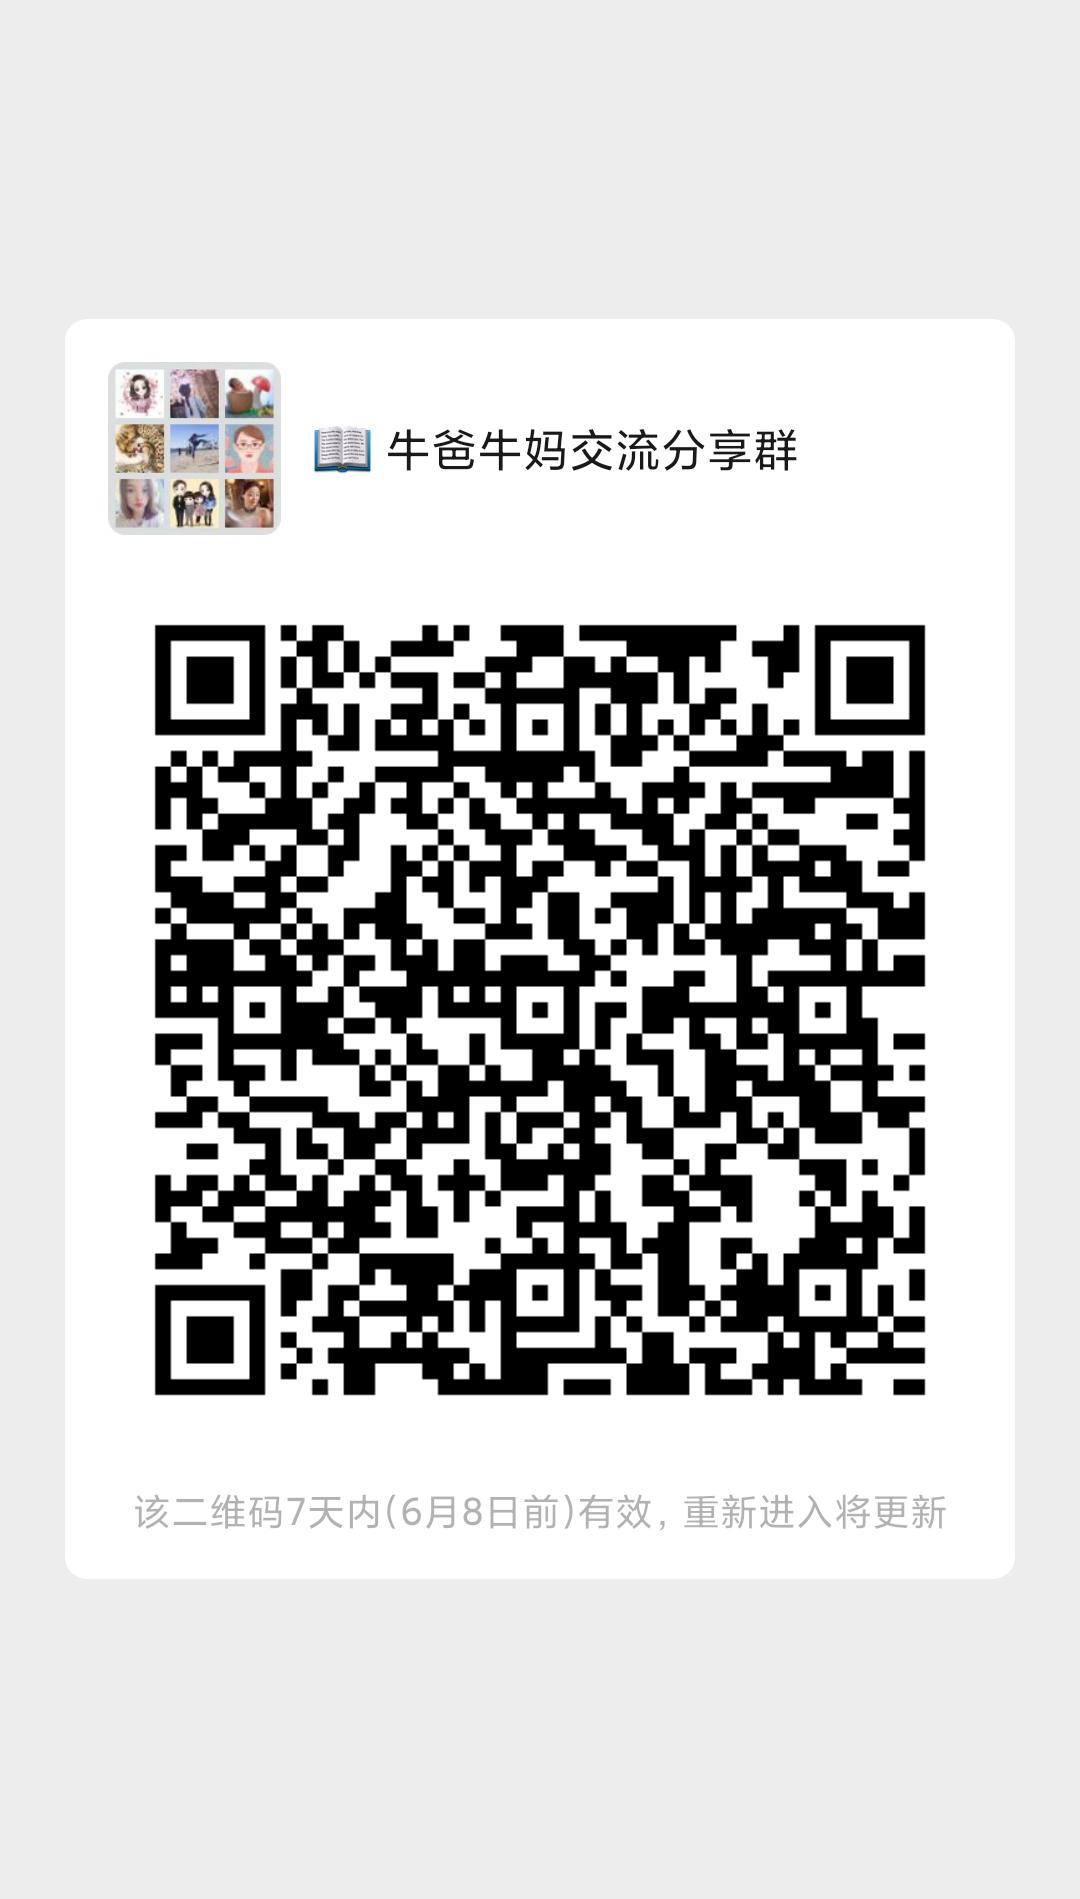 微信图片_20200601132128.png